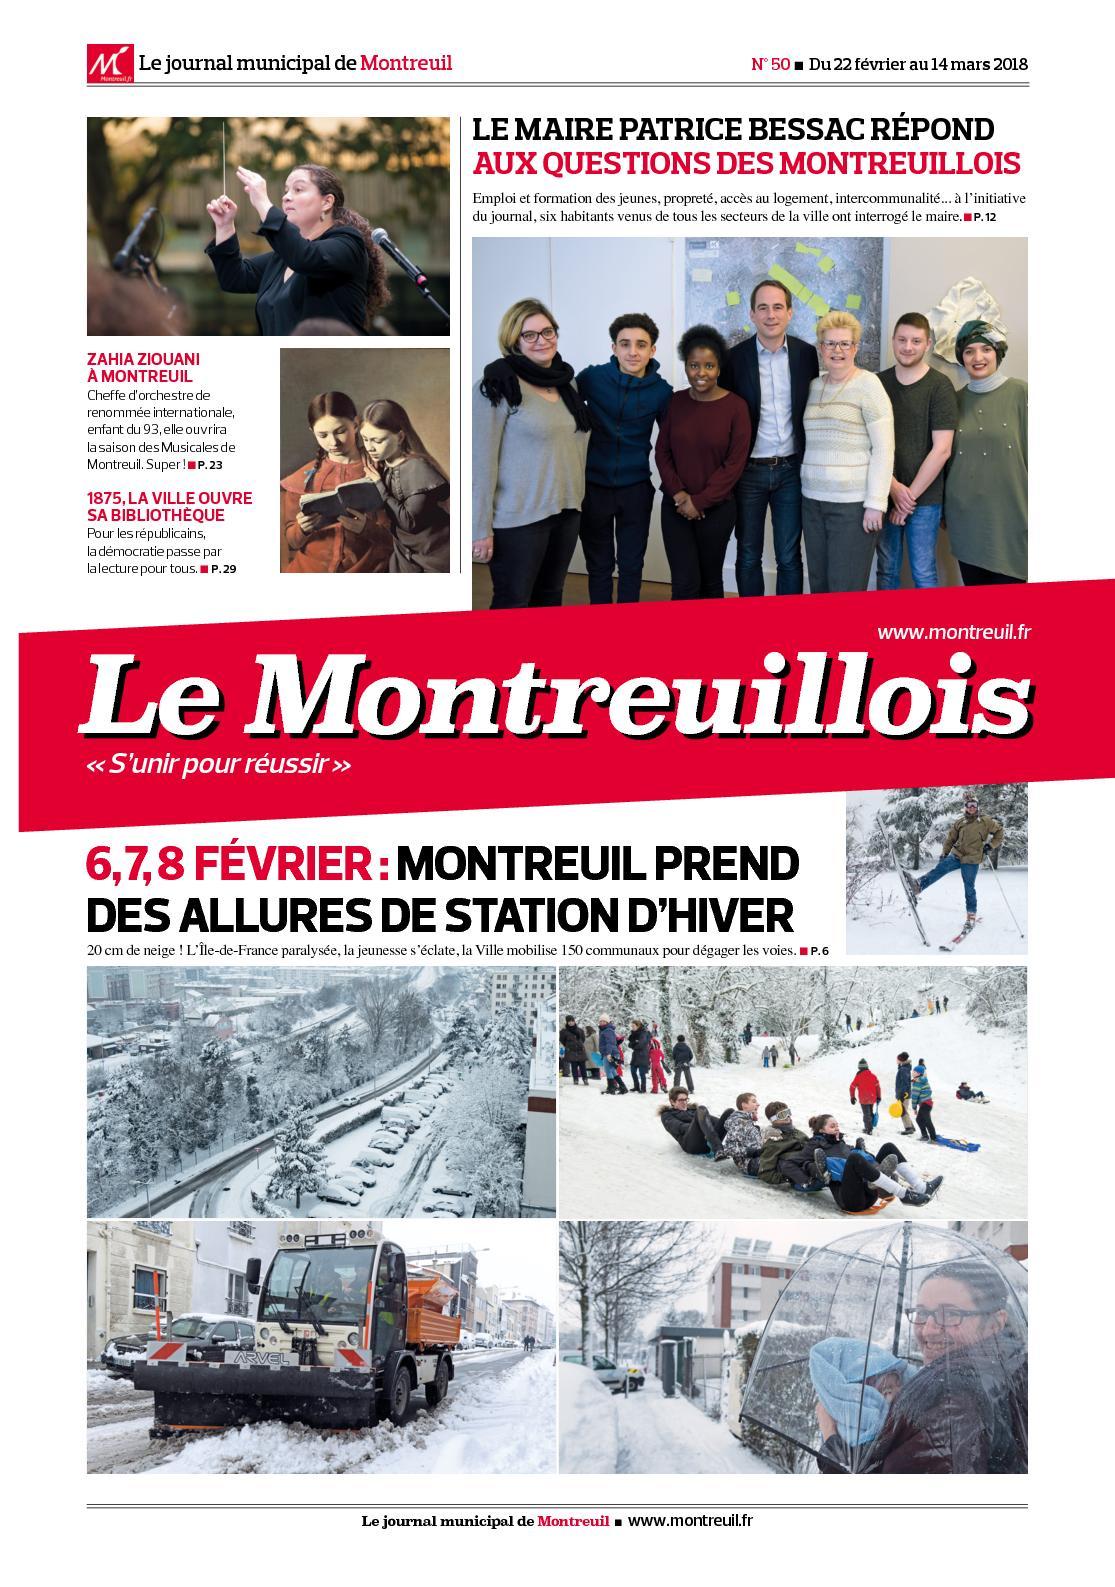 rencontres inouies montreuil